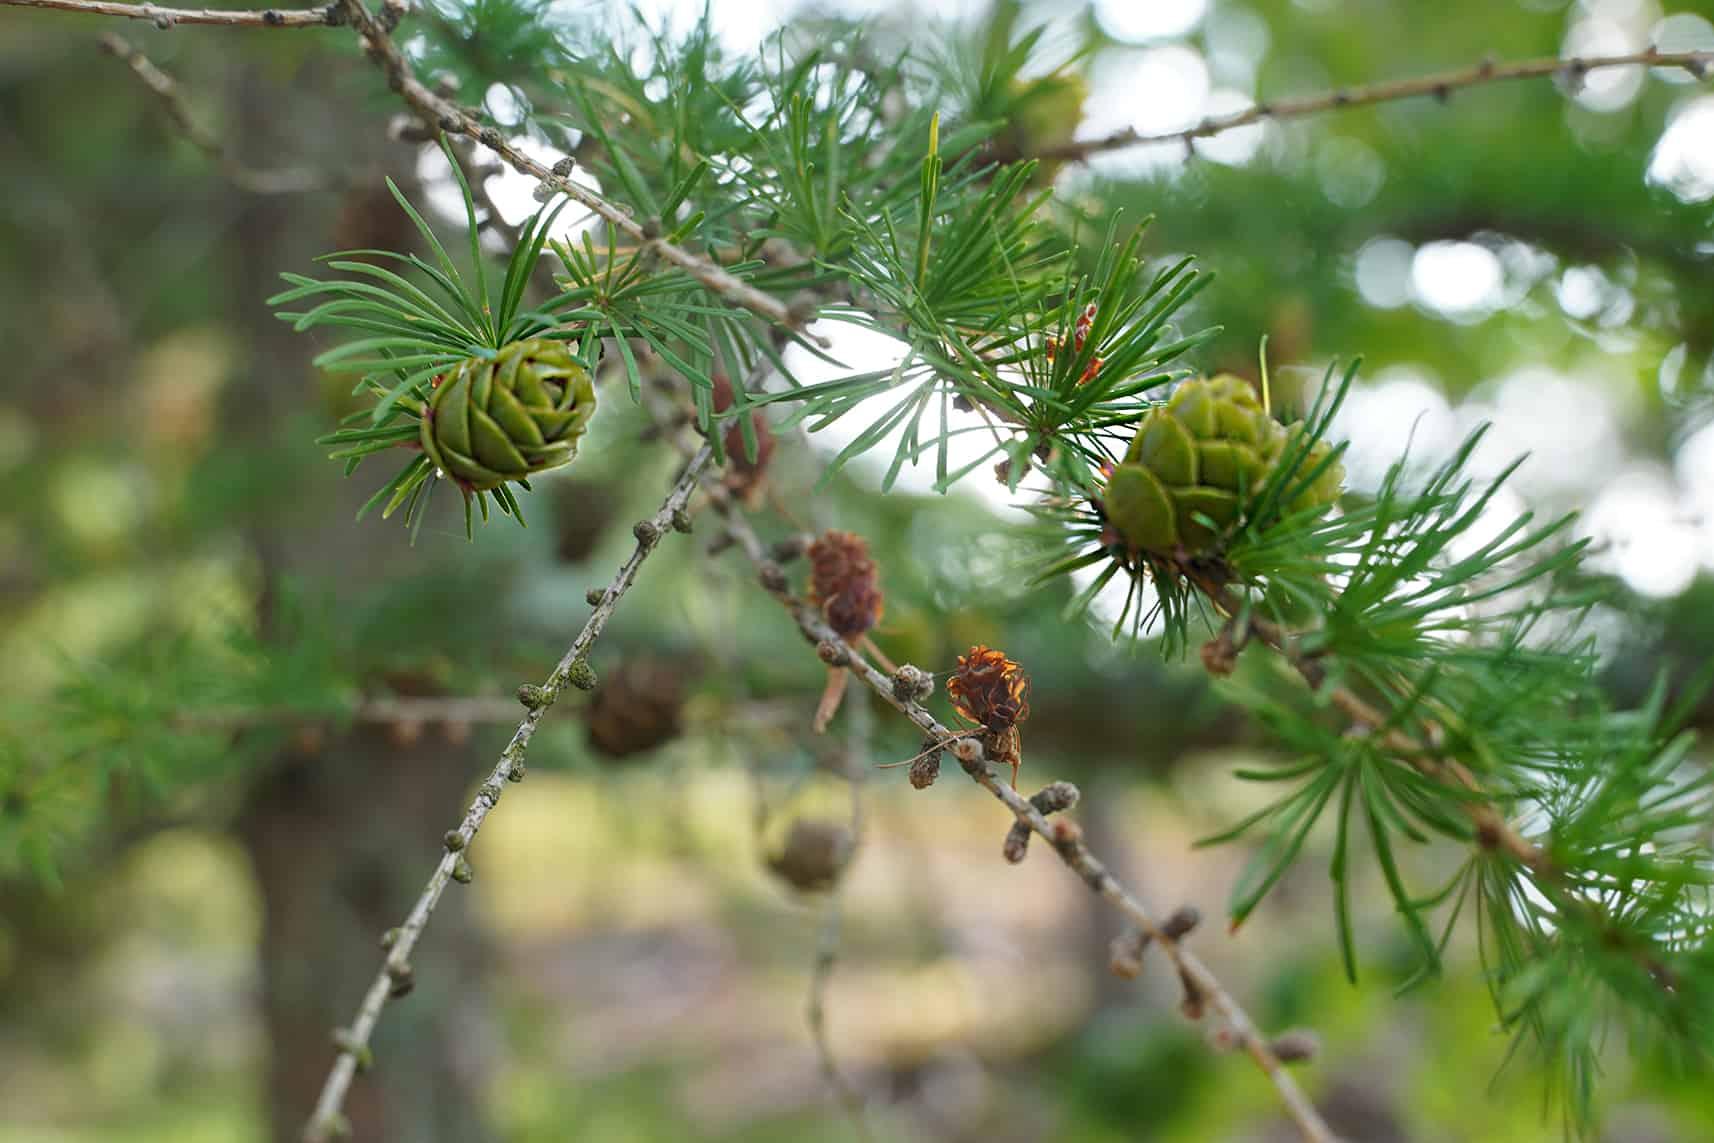 Lehtikuusen oksa, jossa on sekä tuoreita vihreitä käpyjä että vanhoja ruskeita käpyjä.